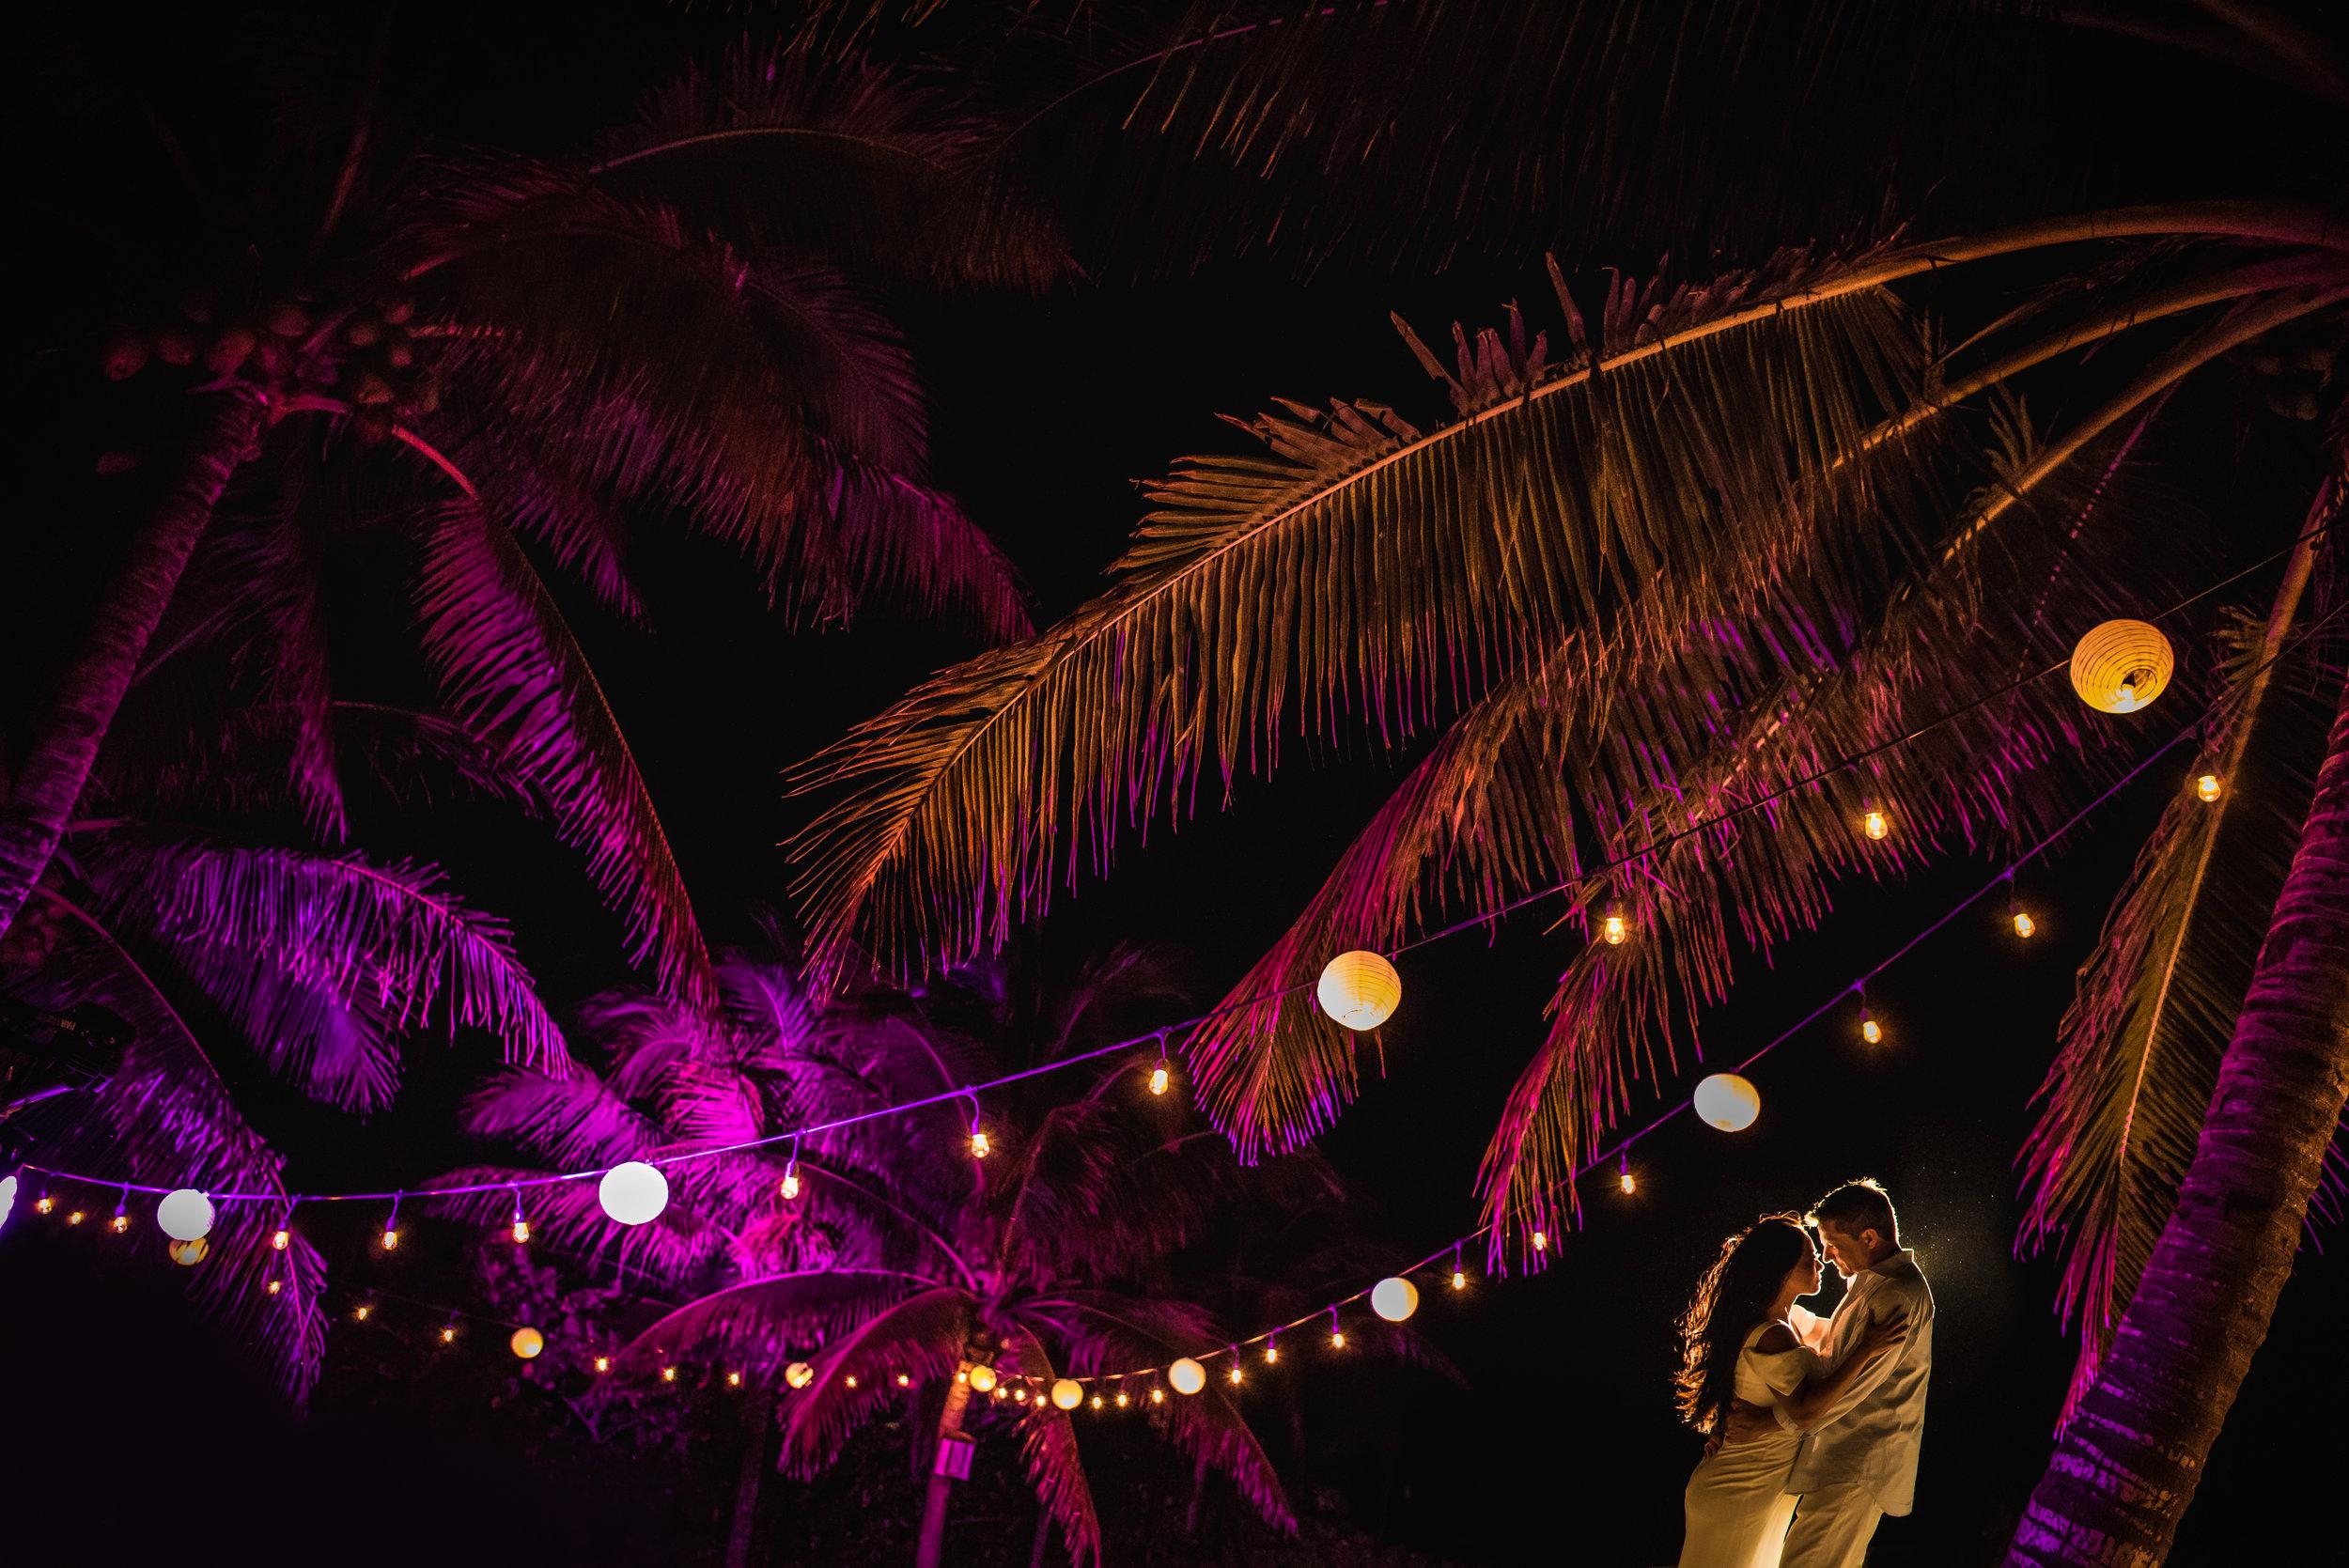 chloe-william-wedding-high-res-4.jpg